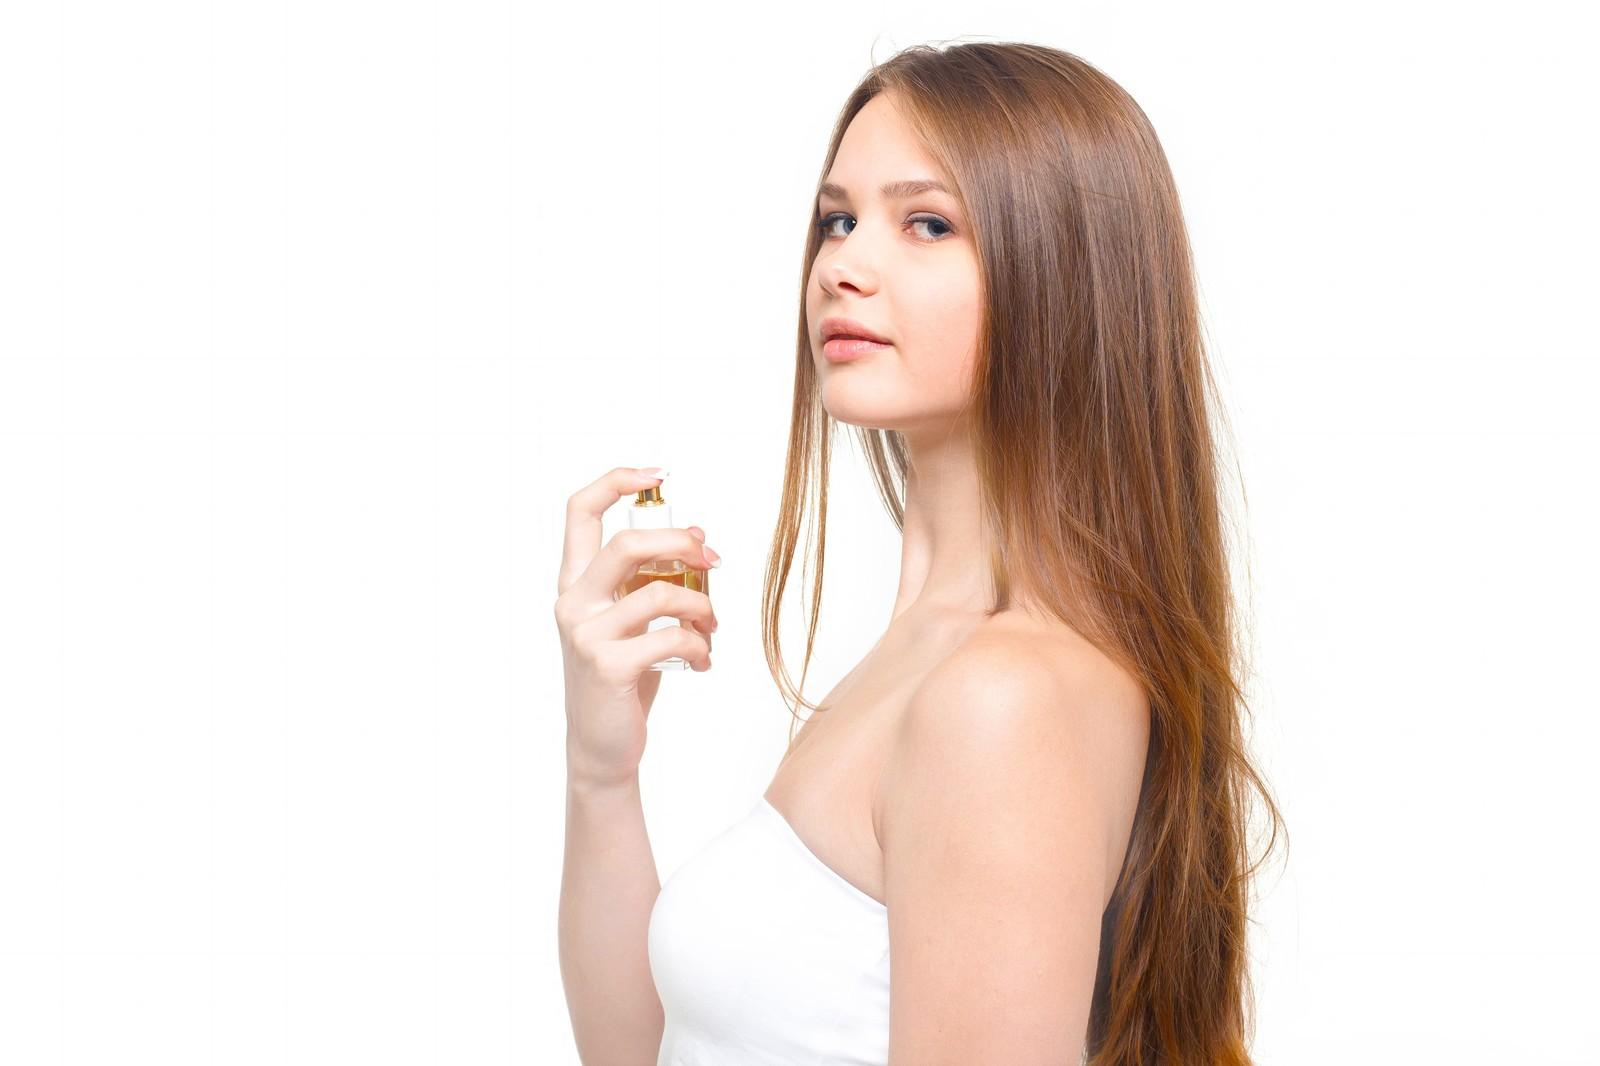 """男ウケ抜群☆魅惑の香り漂う大人女子向け『モテ香水』3選!男性から""""いい匂い""""と言われた数が多い順でランキングをつけてみました!"""